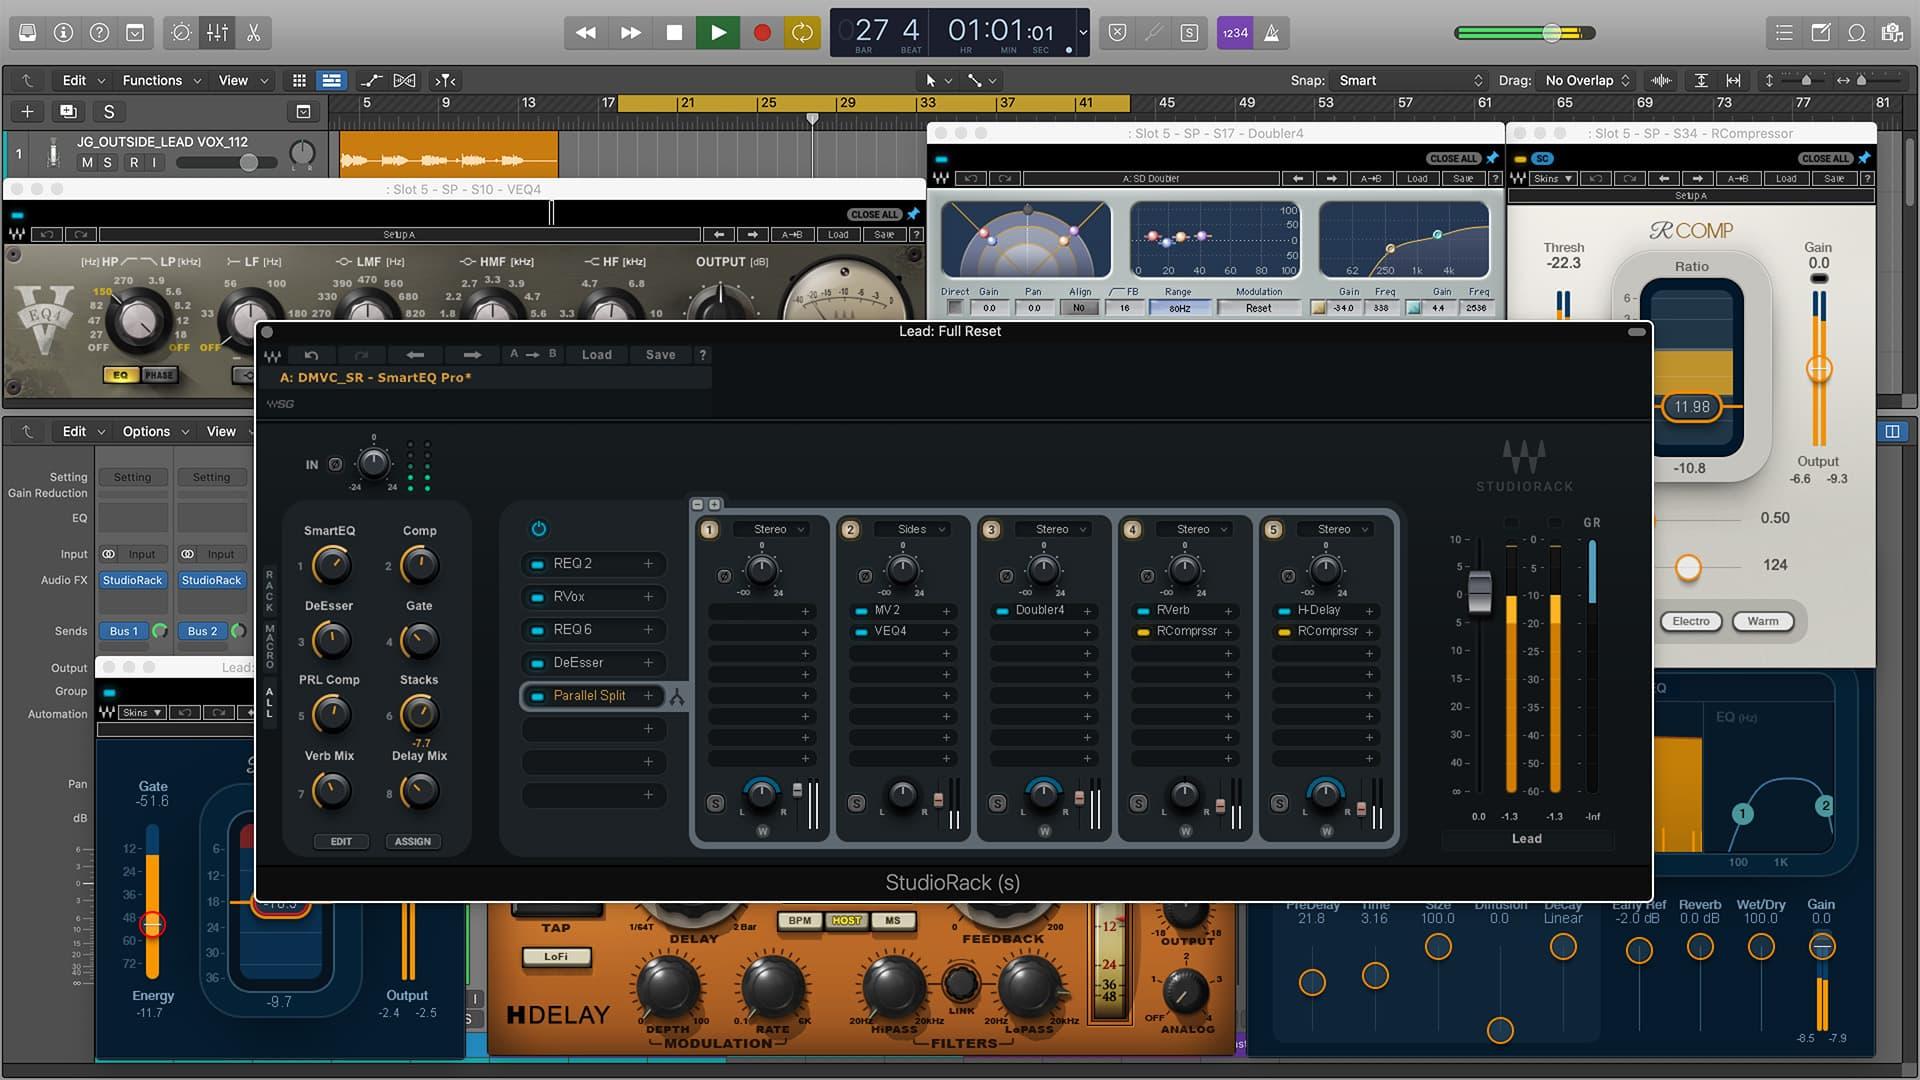 Divine Mixing - Vocal Chains SR (Parallel Split)